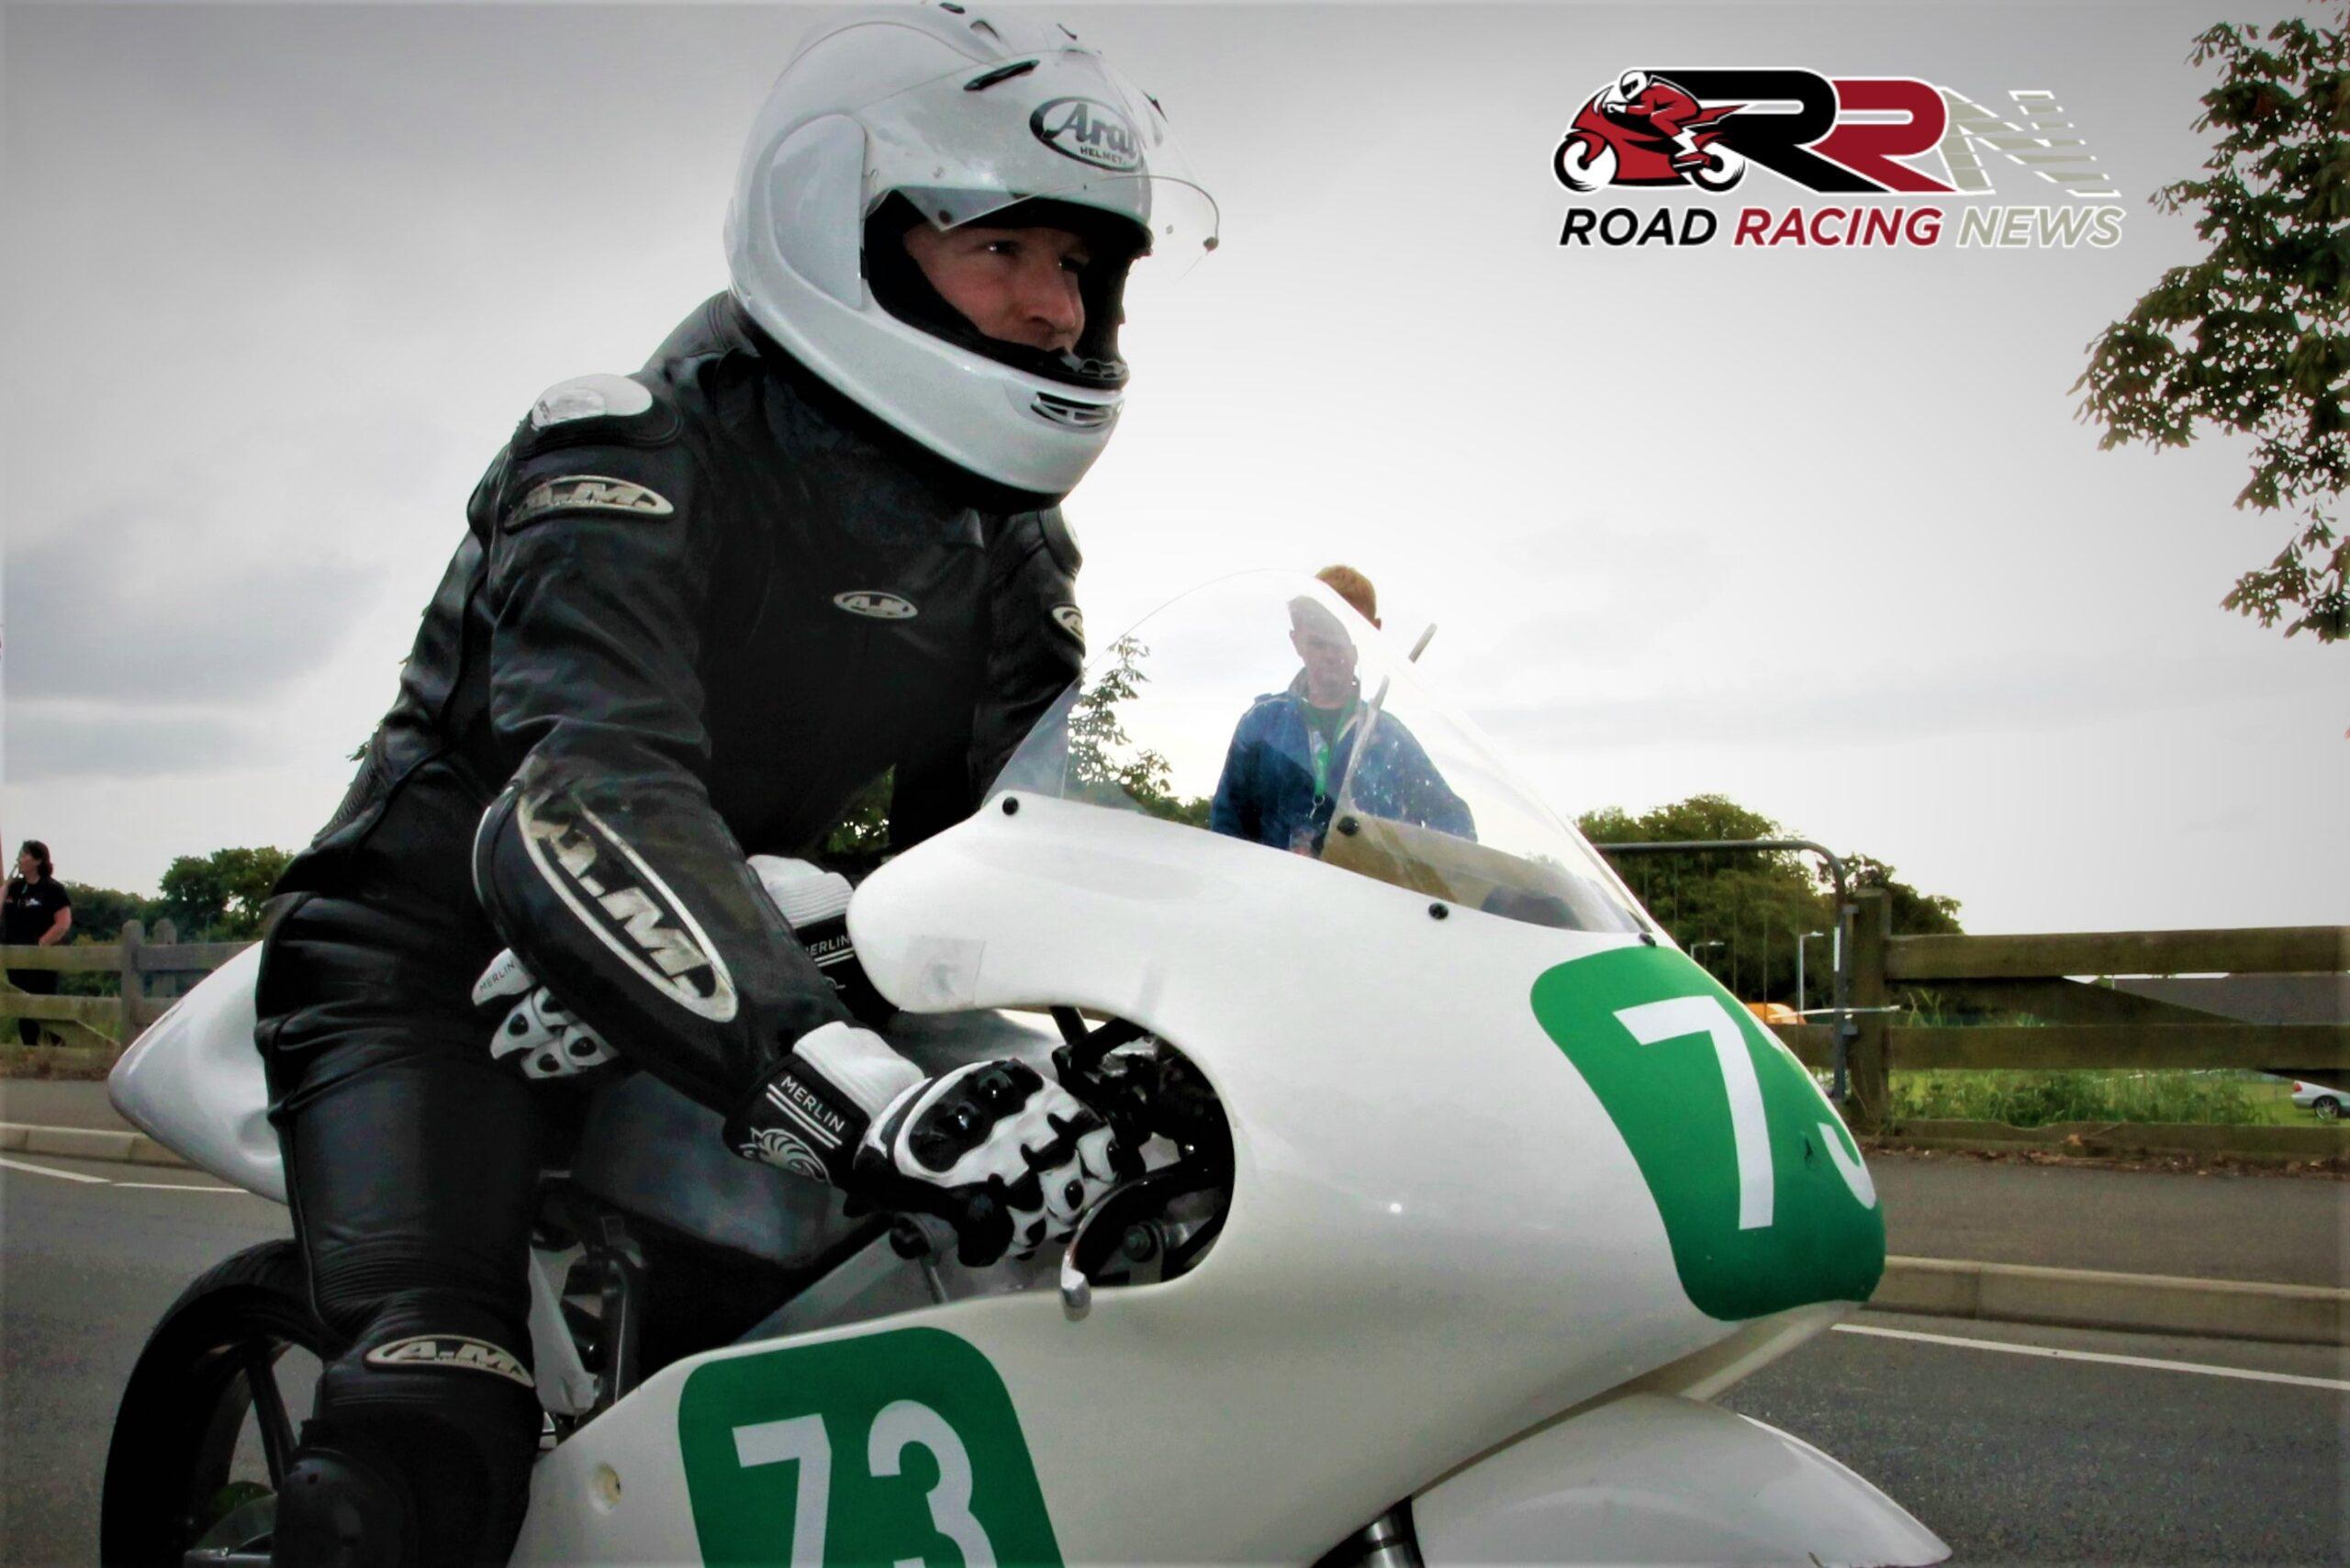 Manx GP Top 6: Doug Snow